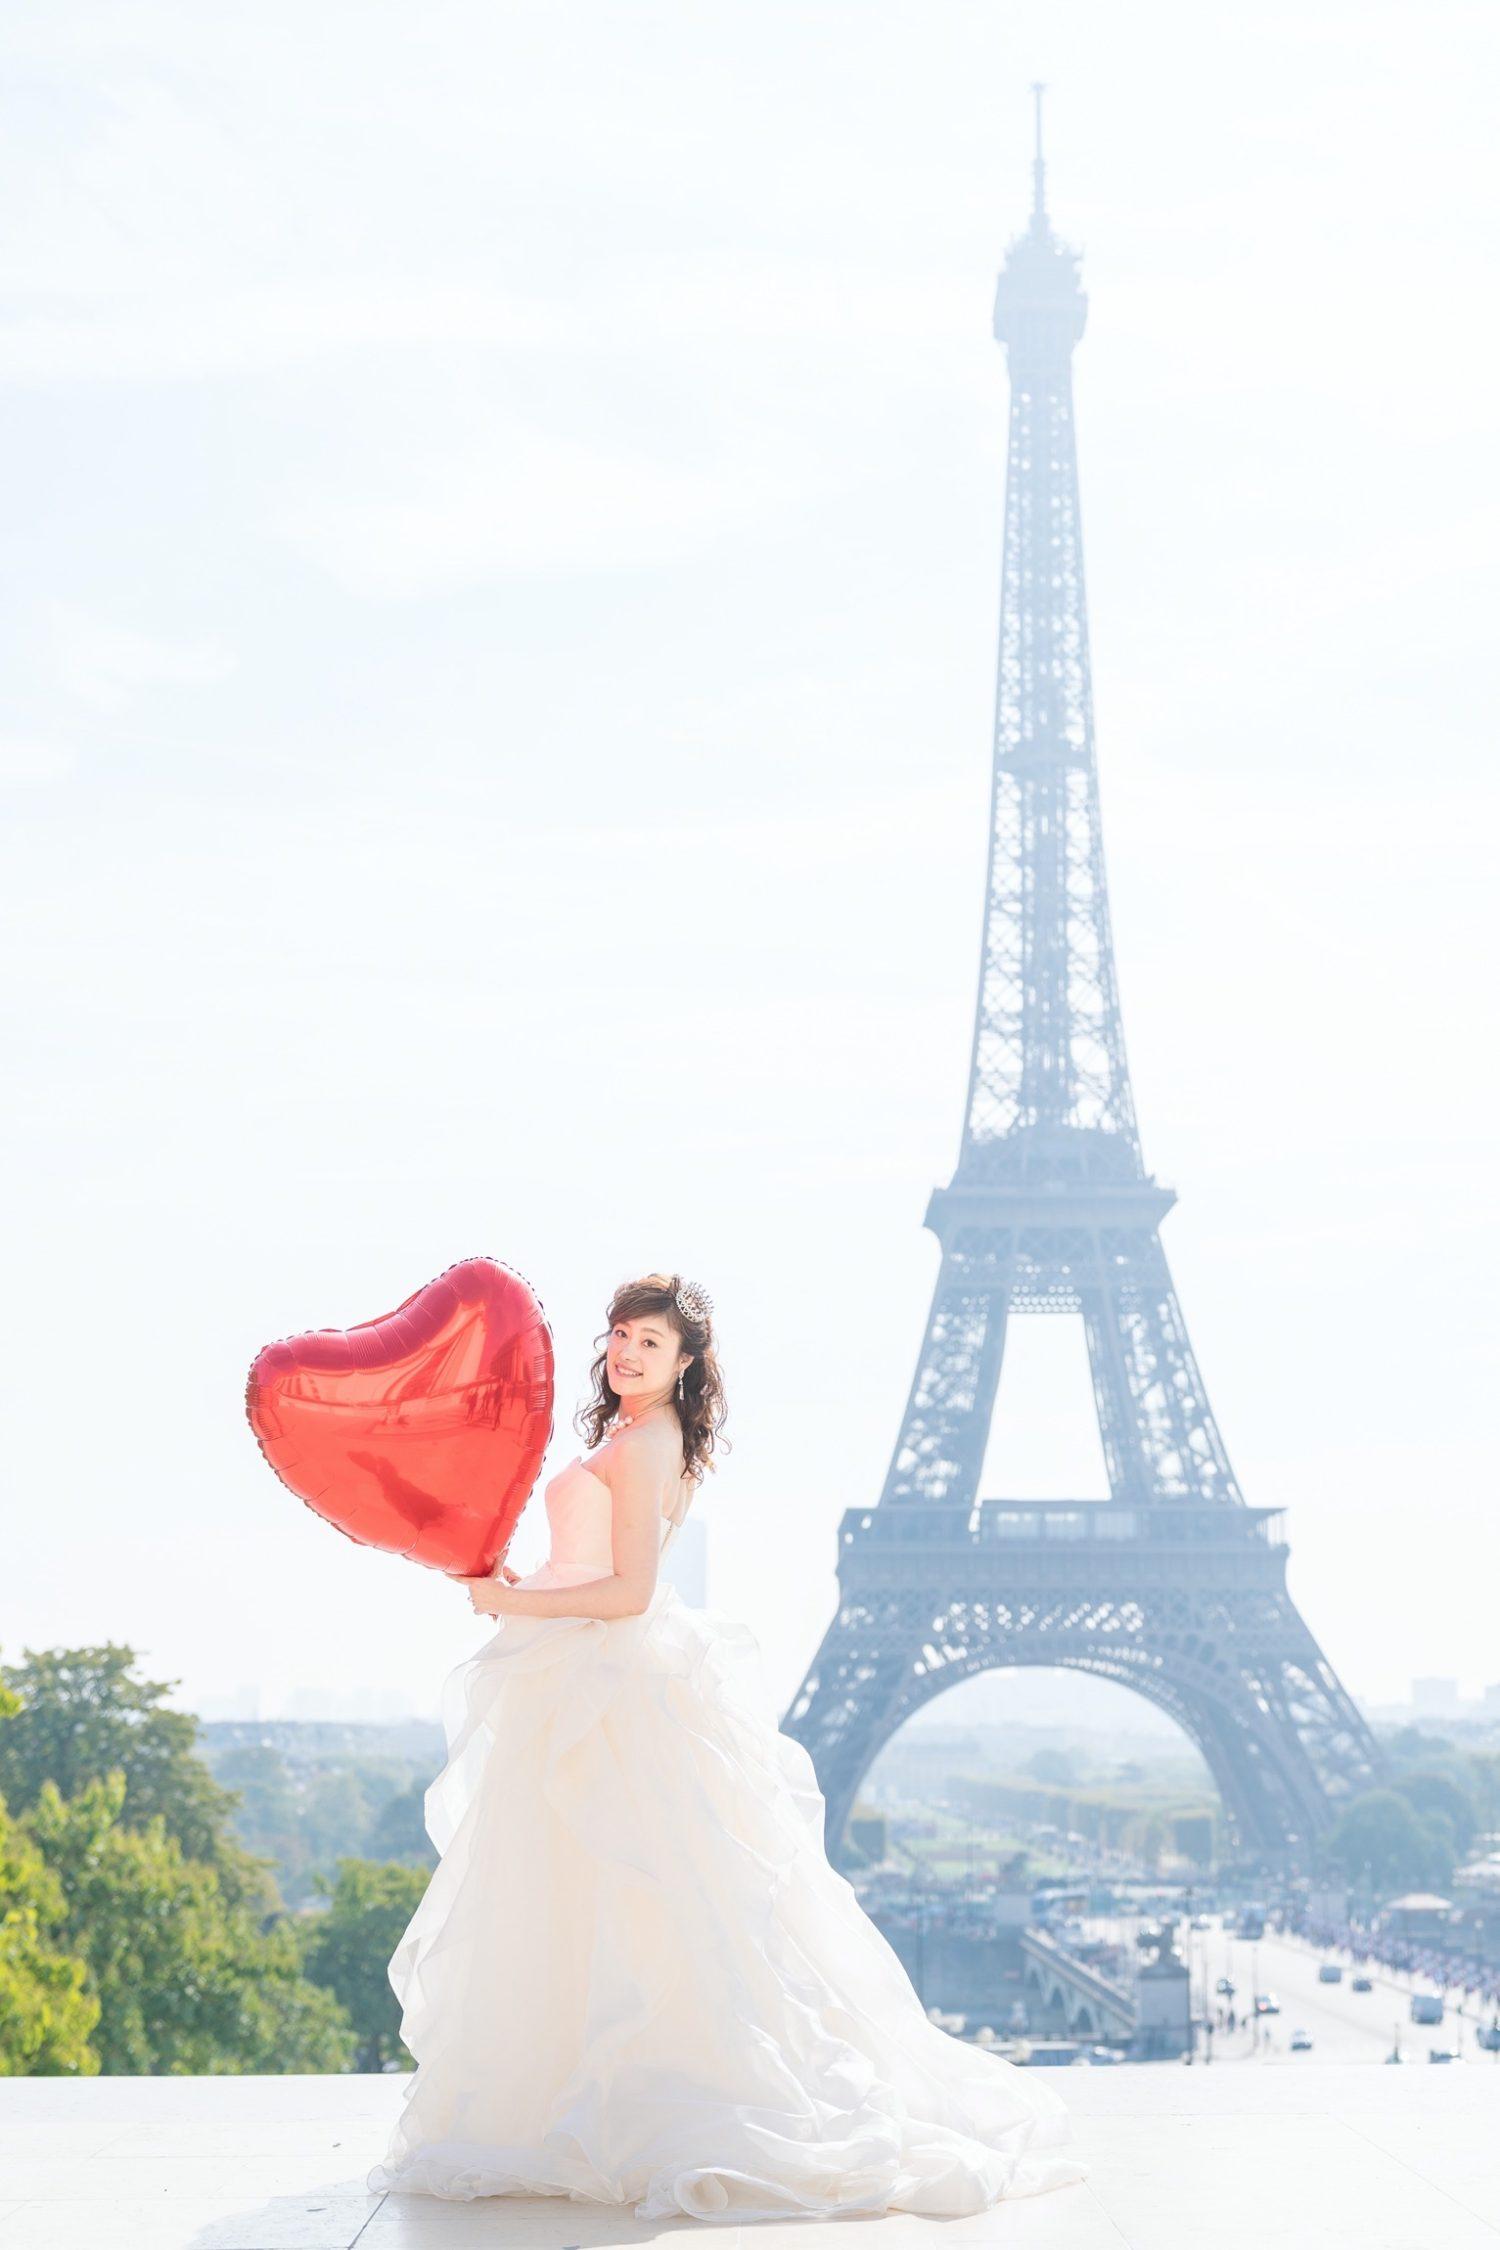 【エッフェル塔でウェディングフォト】 – パリのシンボル④